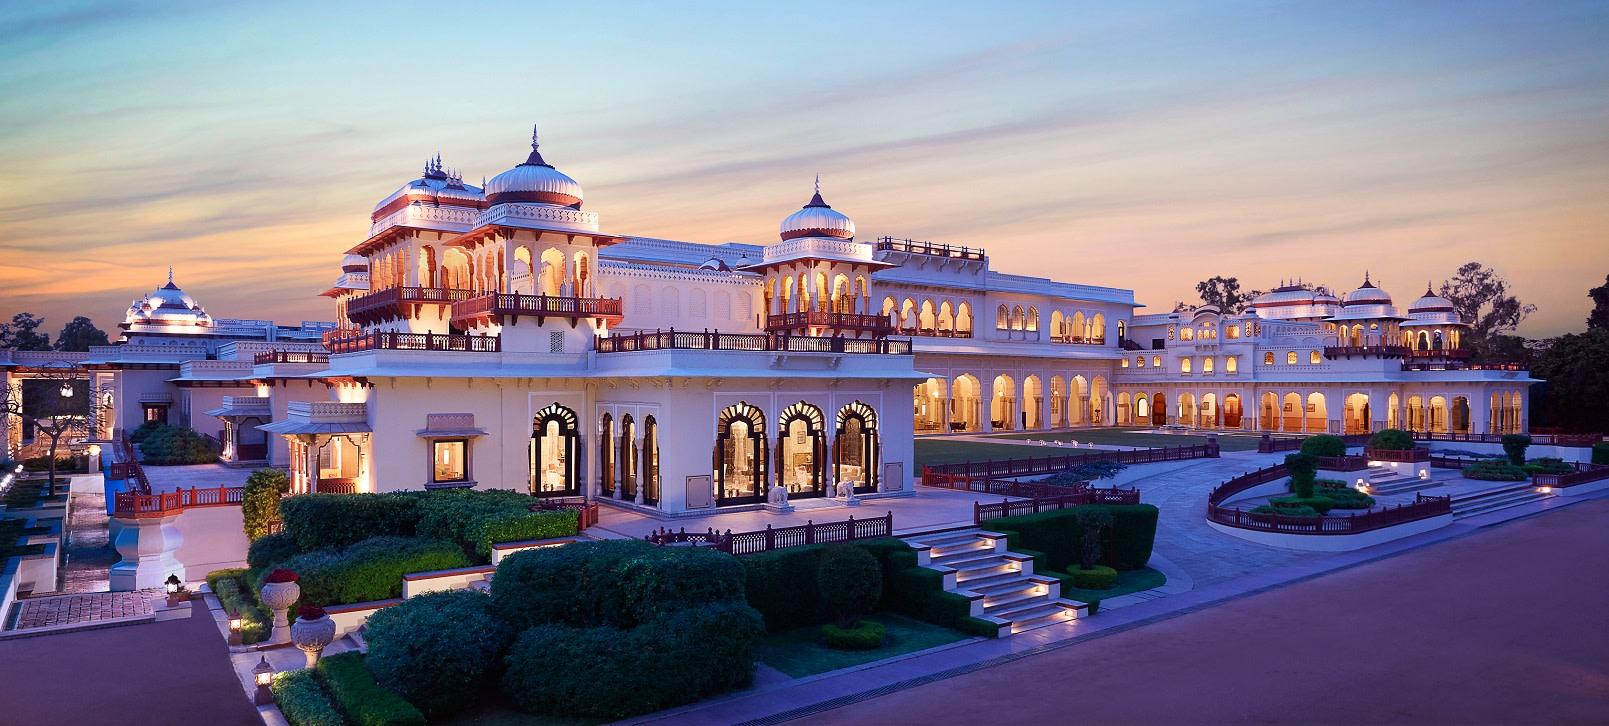 Taj Rambagh Palace, Jaipur Hotels, India